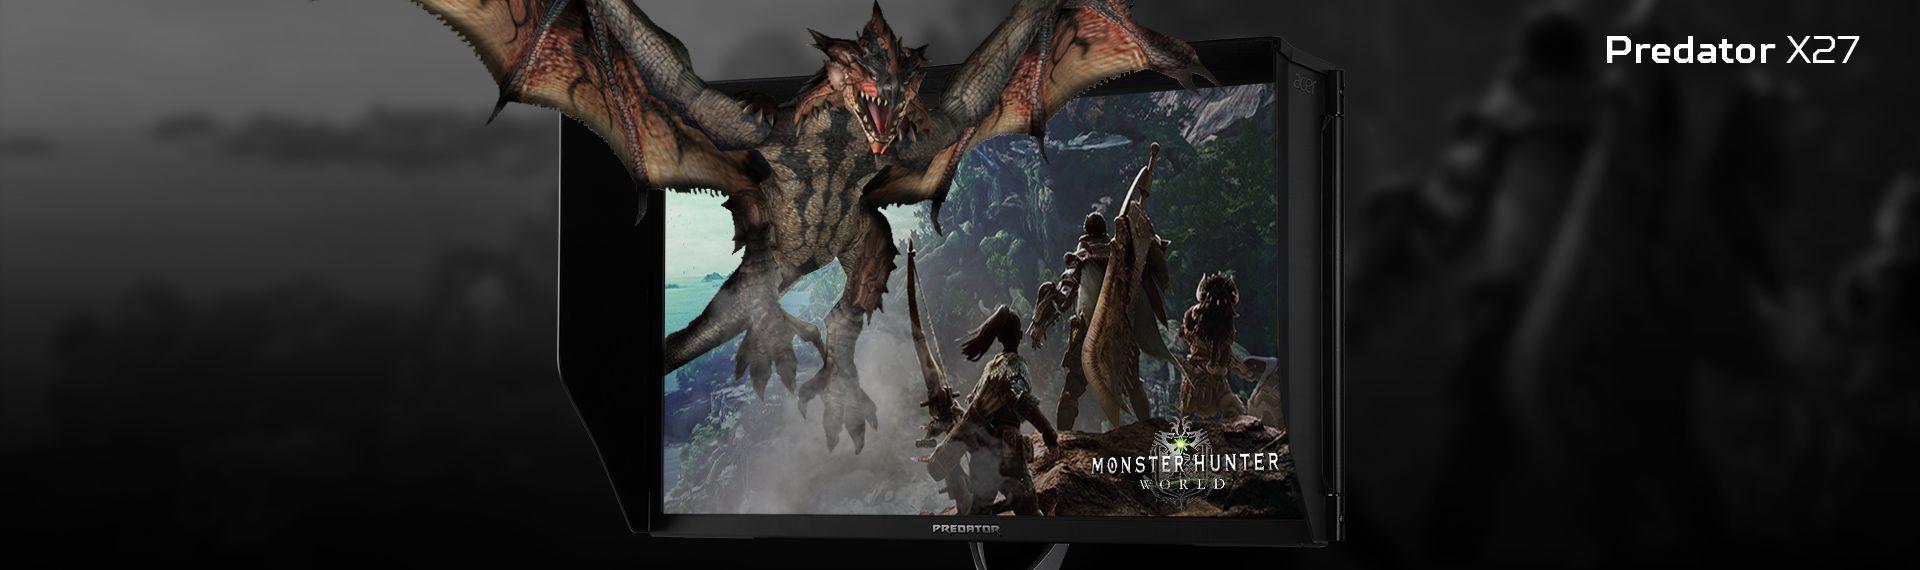 5 Fitur Monitor Gaming yang Perlu Kamu Tahu Sebelum Membeli